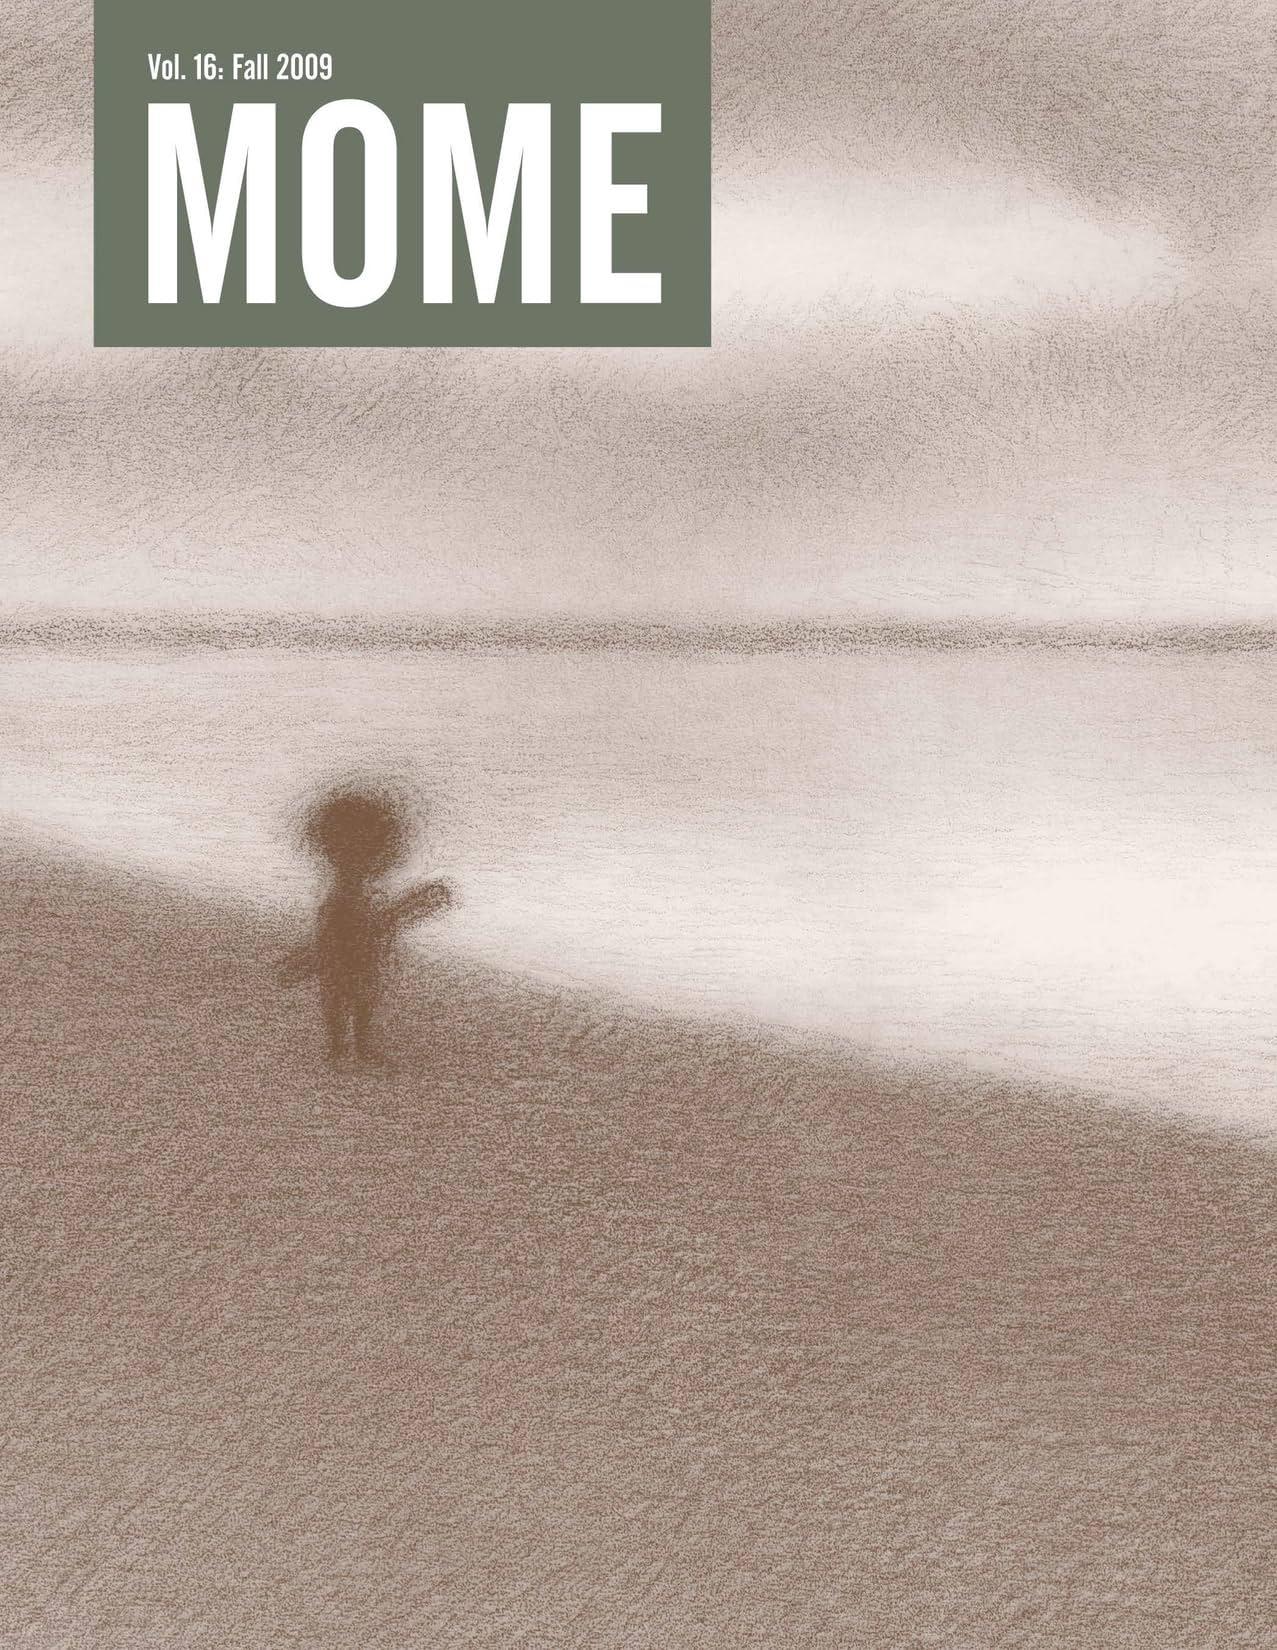 MOME Vol. 16